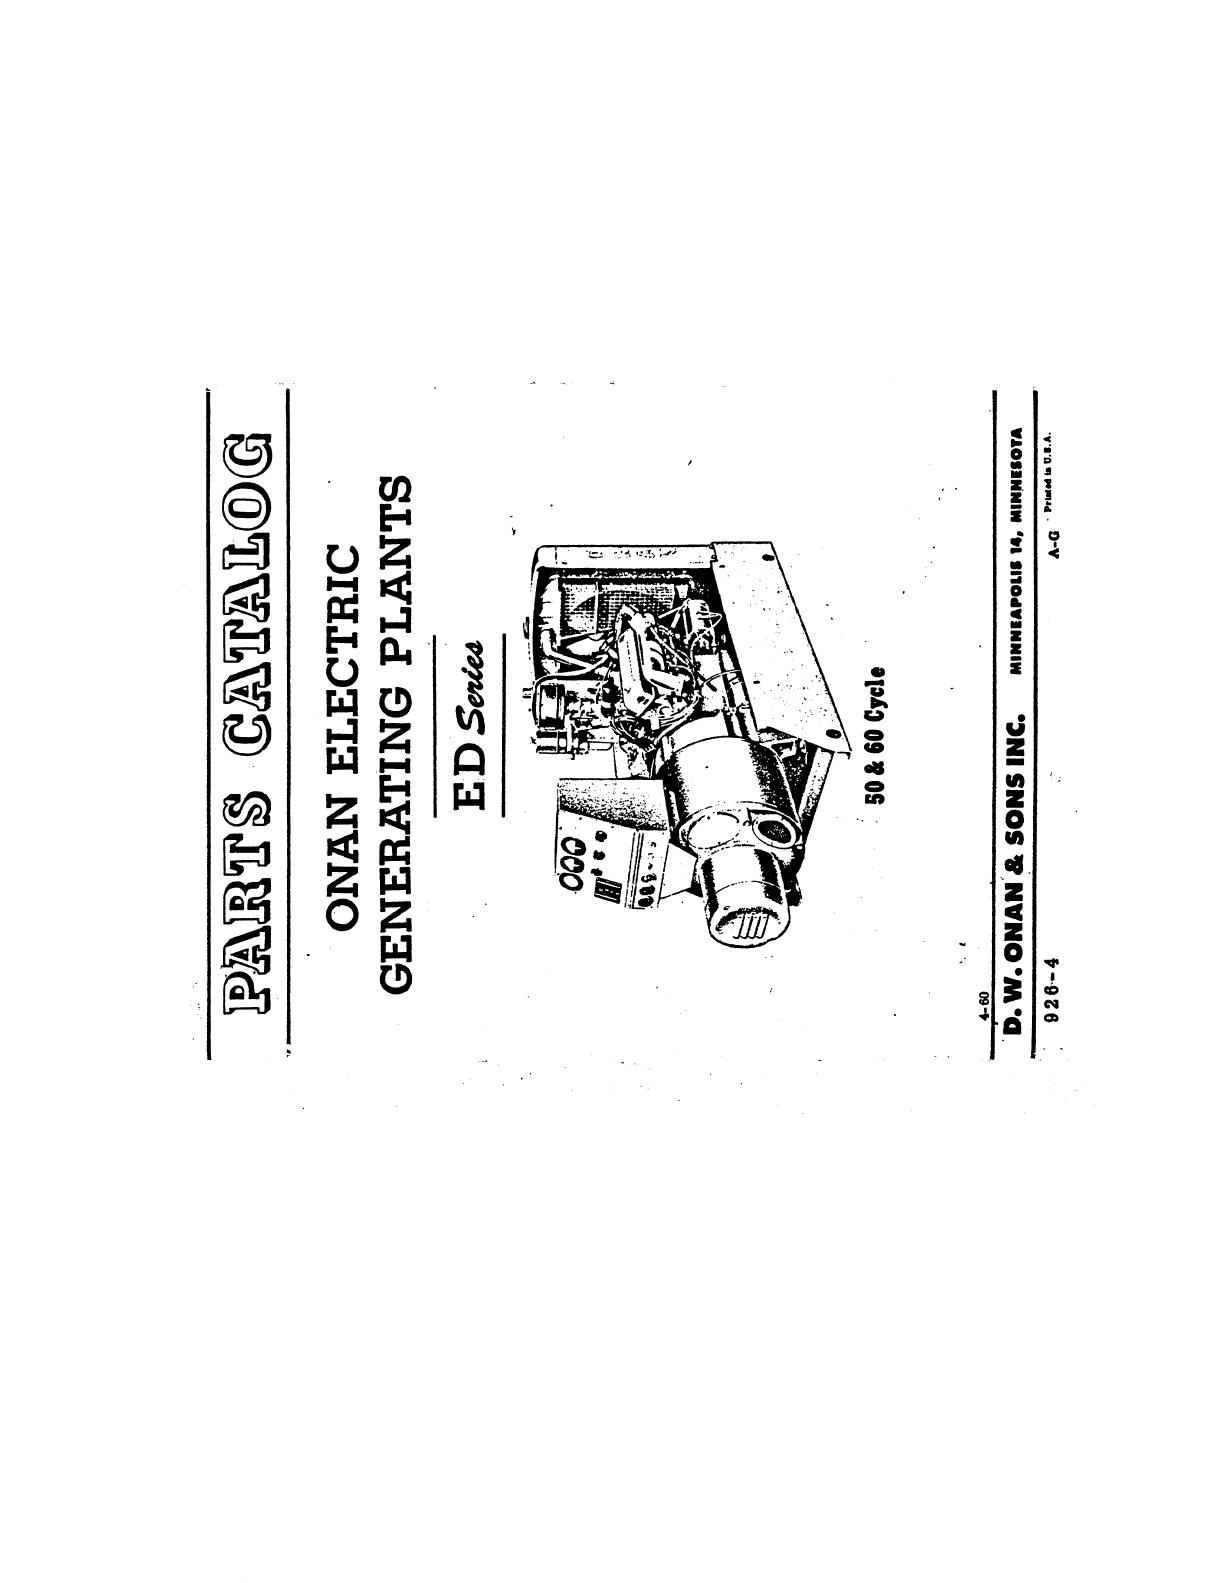 926 0004 Onan ED Series (spec A G) Parts Manual (04 1960)